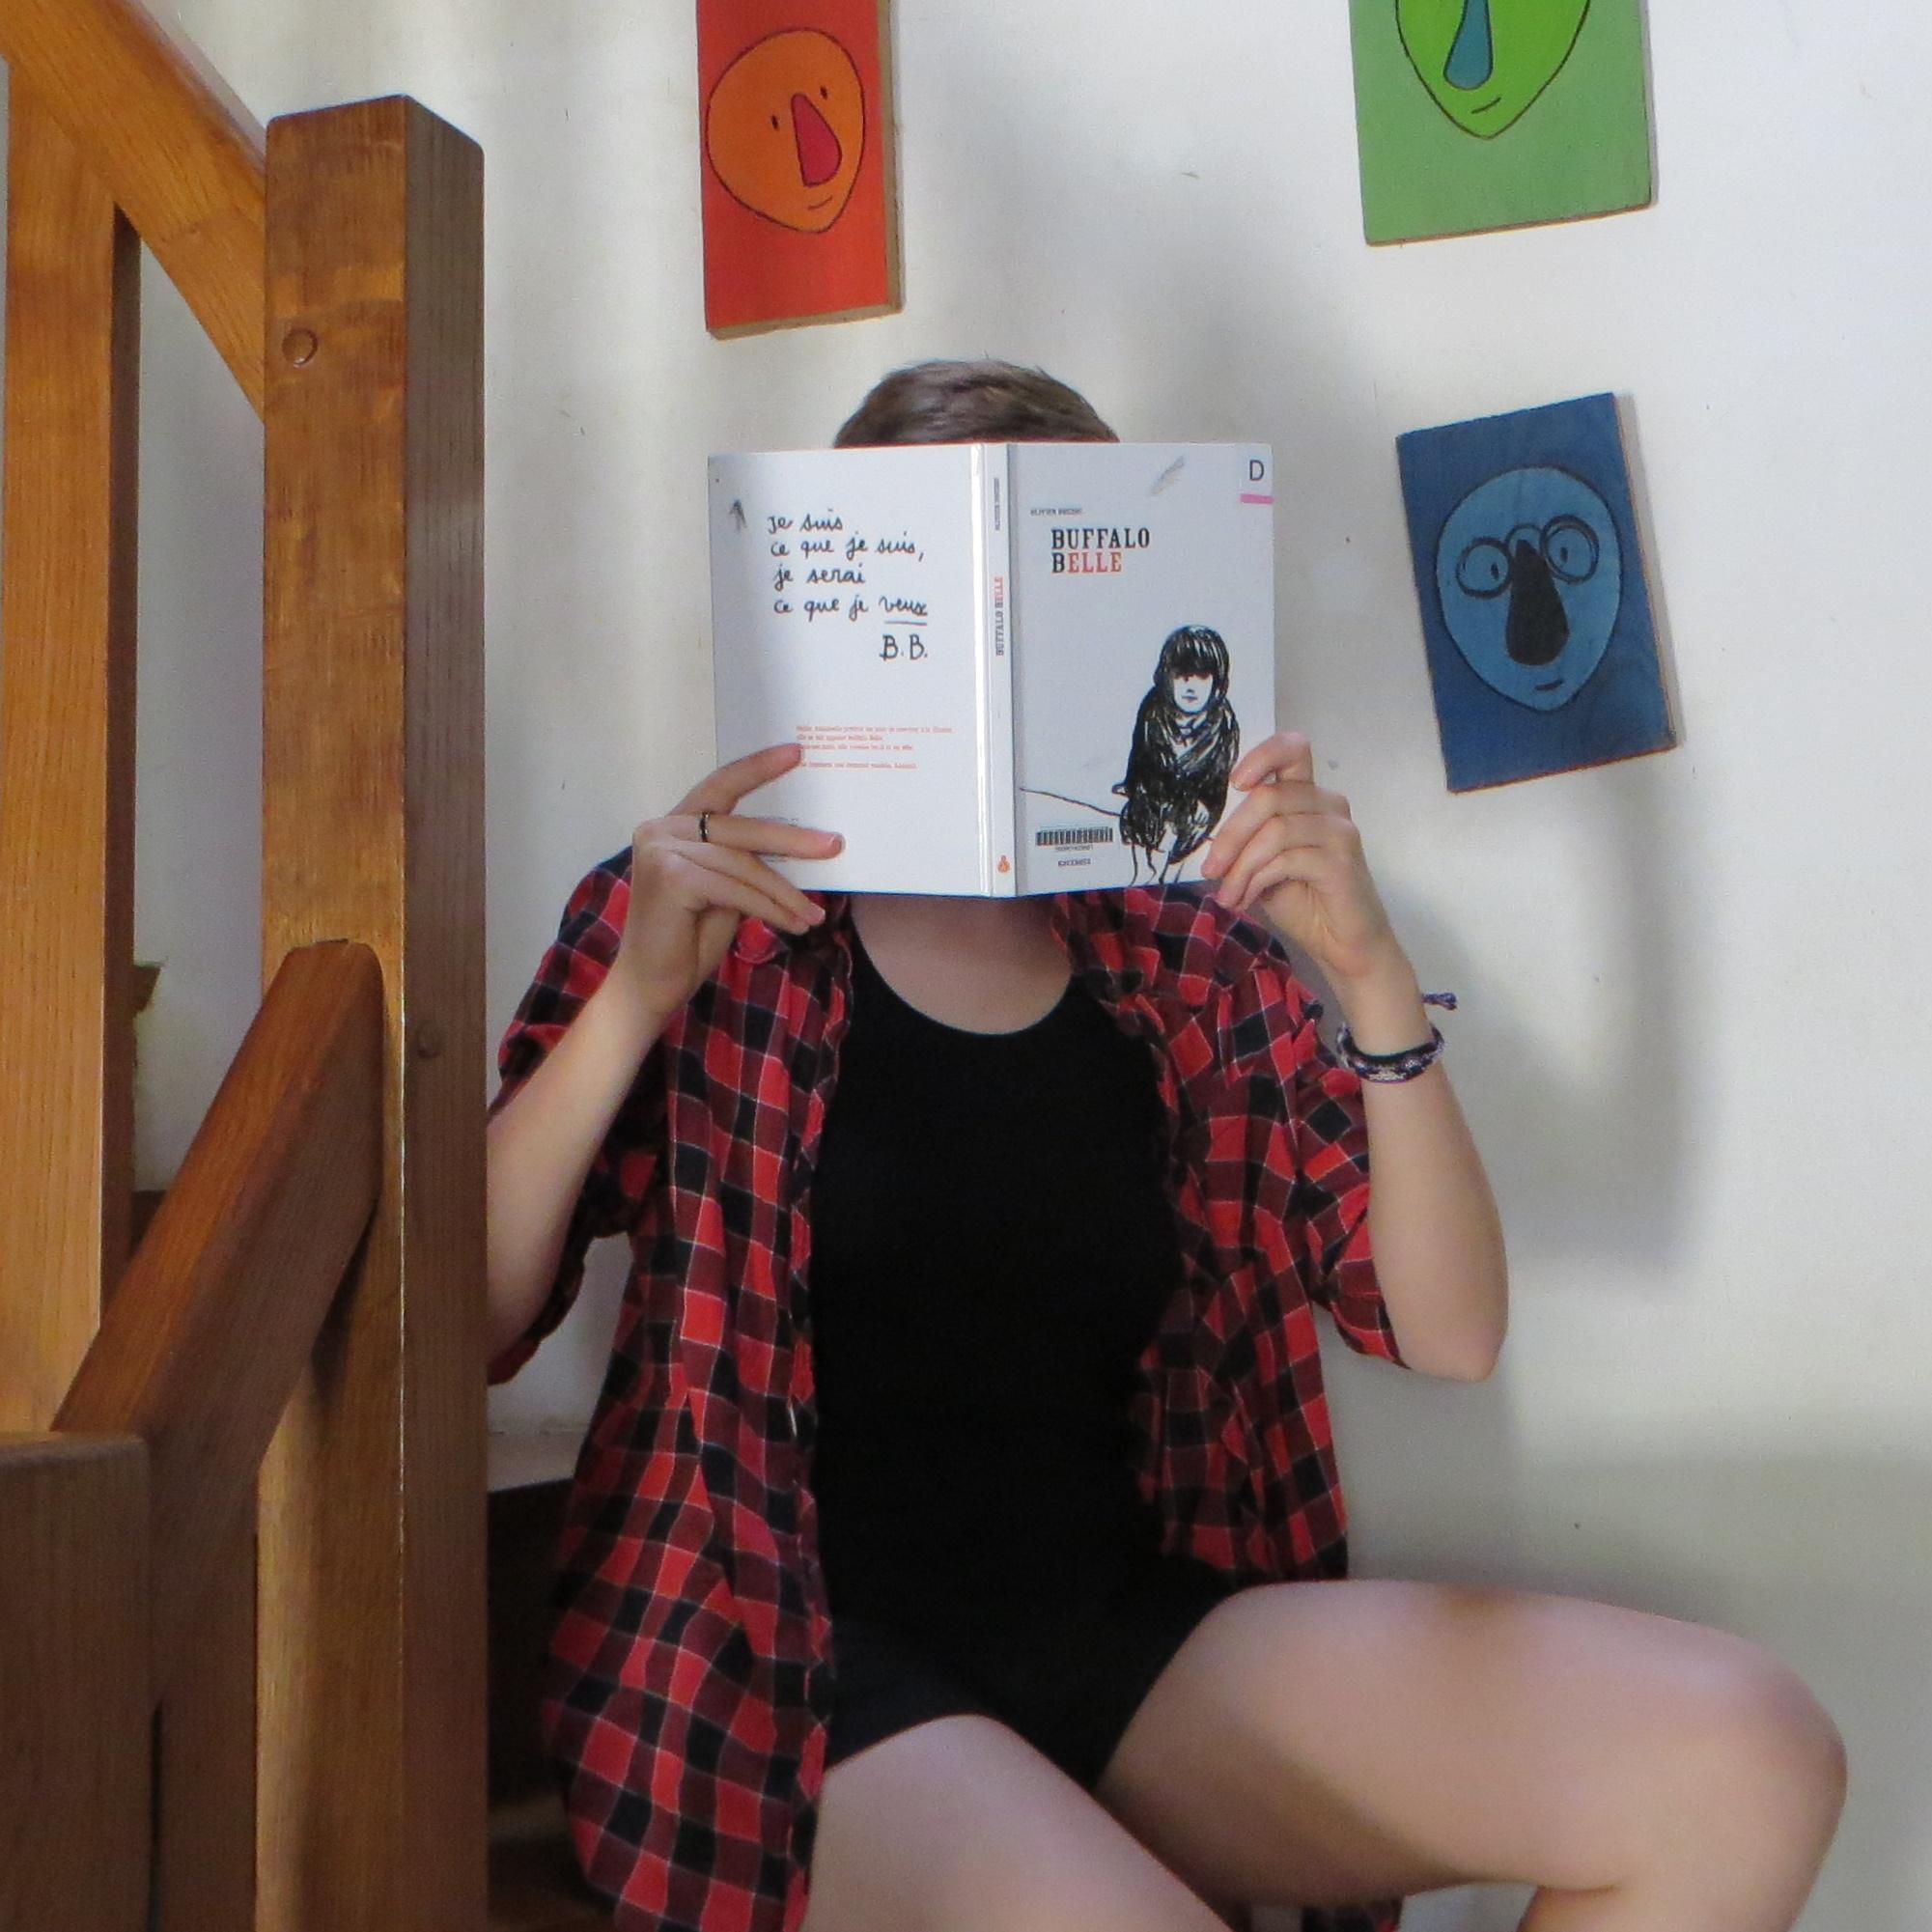 personne lisant Buffalo Belle d'Olivier Douzou dans des escaliers en bois